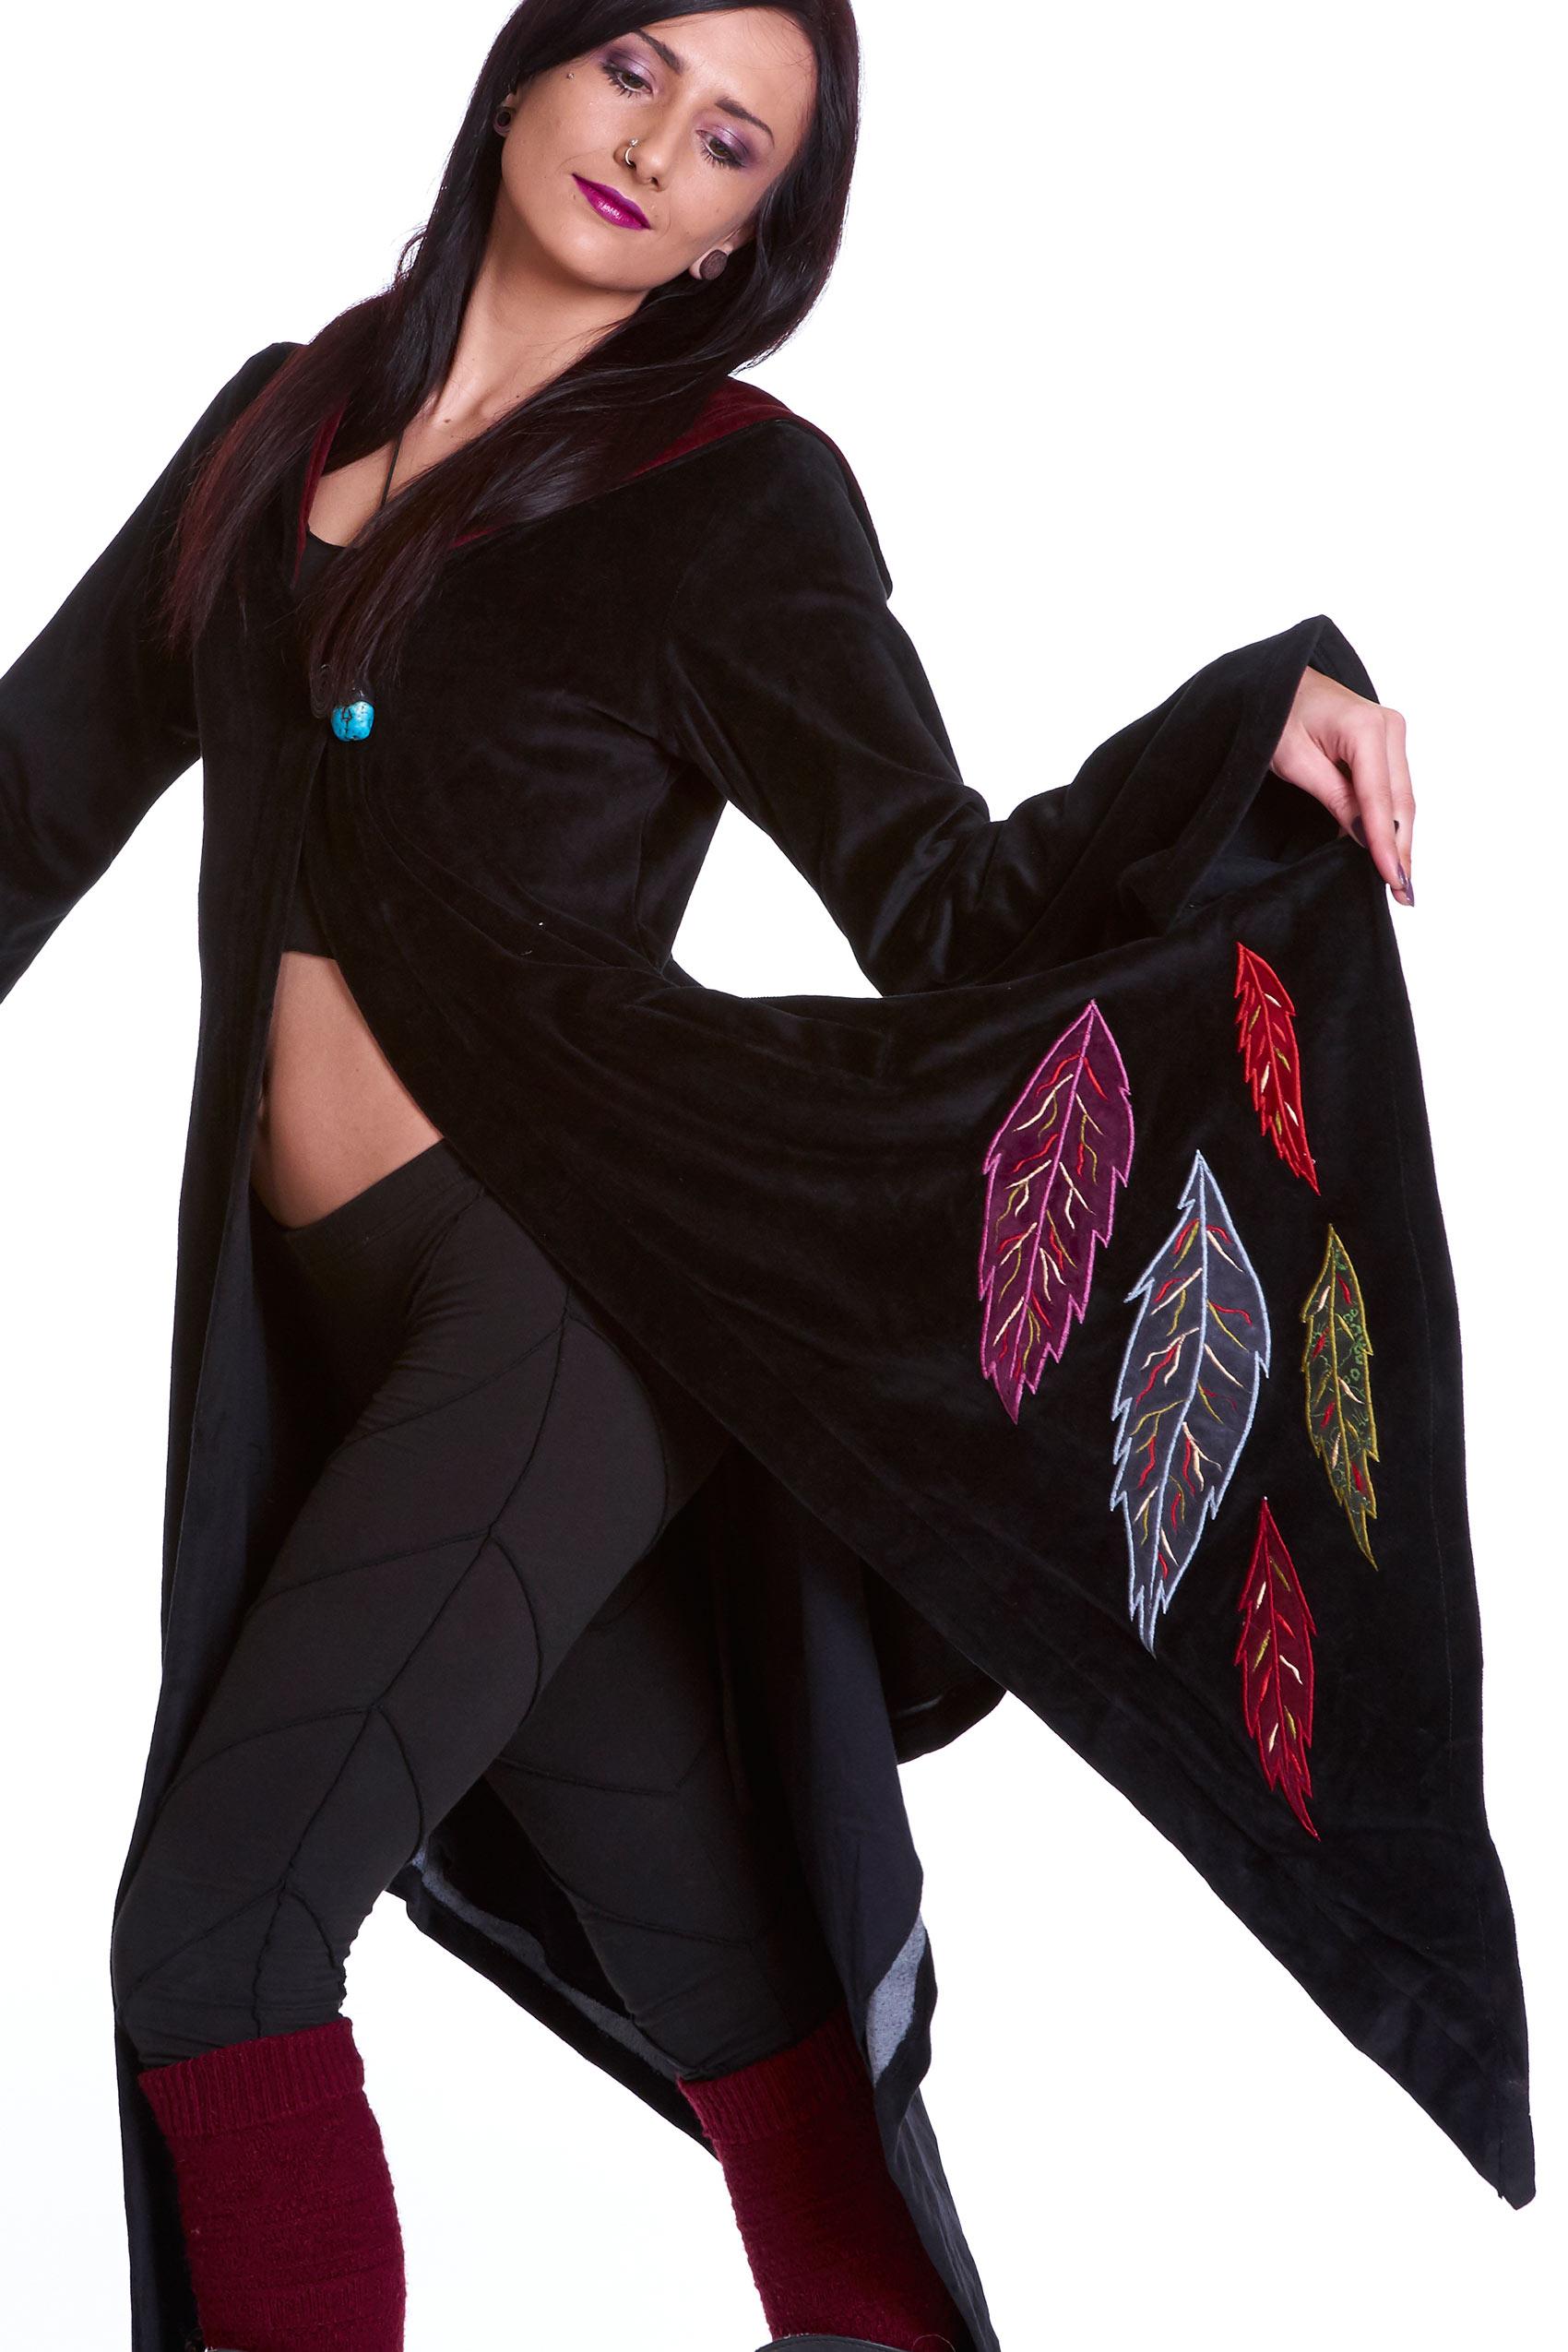 pagan goddess cloak coat velvet woodland faery boho jacket altshop uk. Black Bedroom Furniture Sets. Home Design Ideas